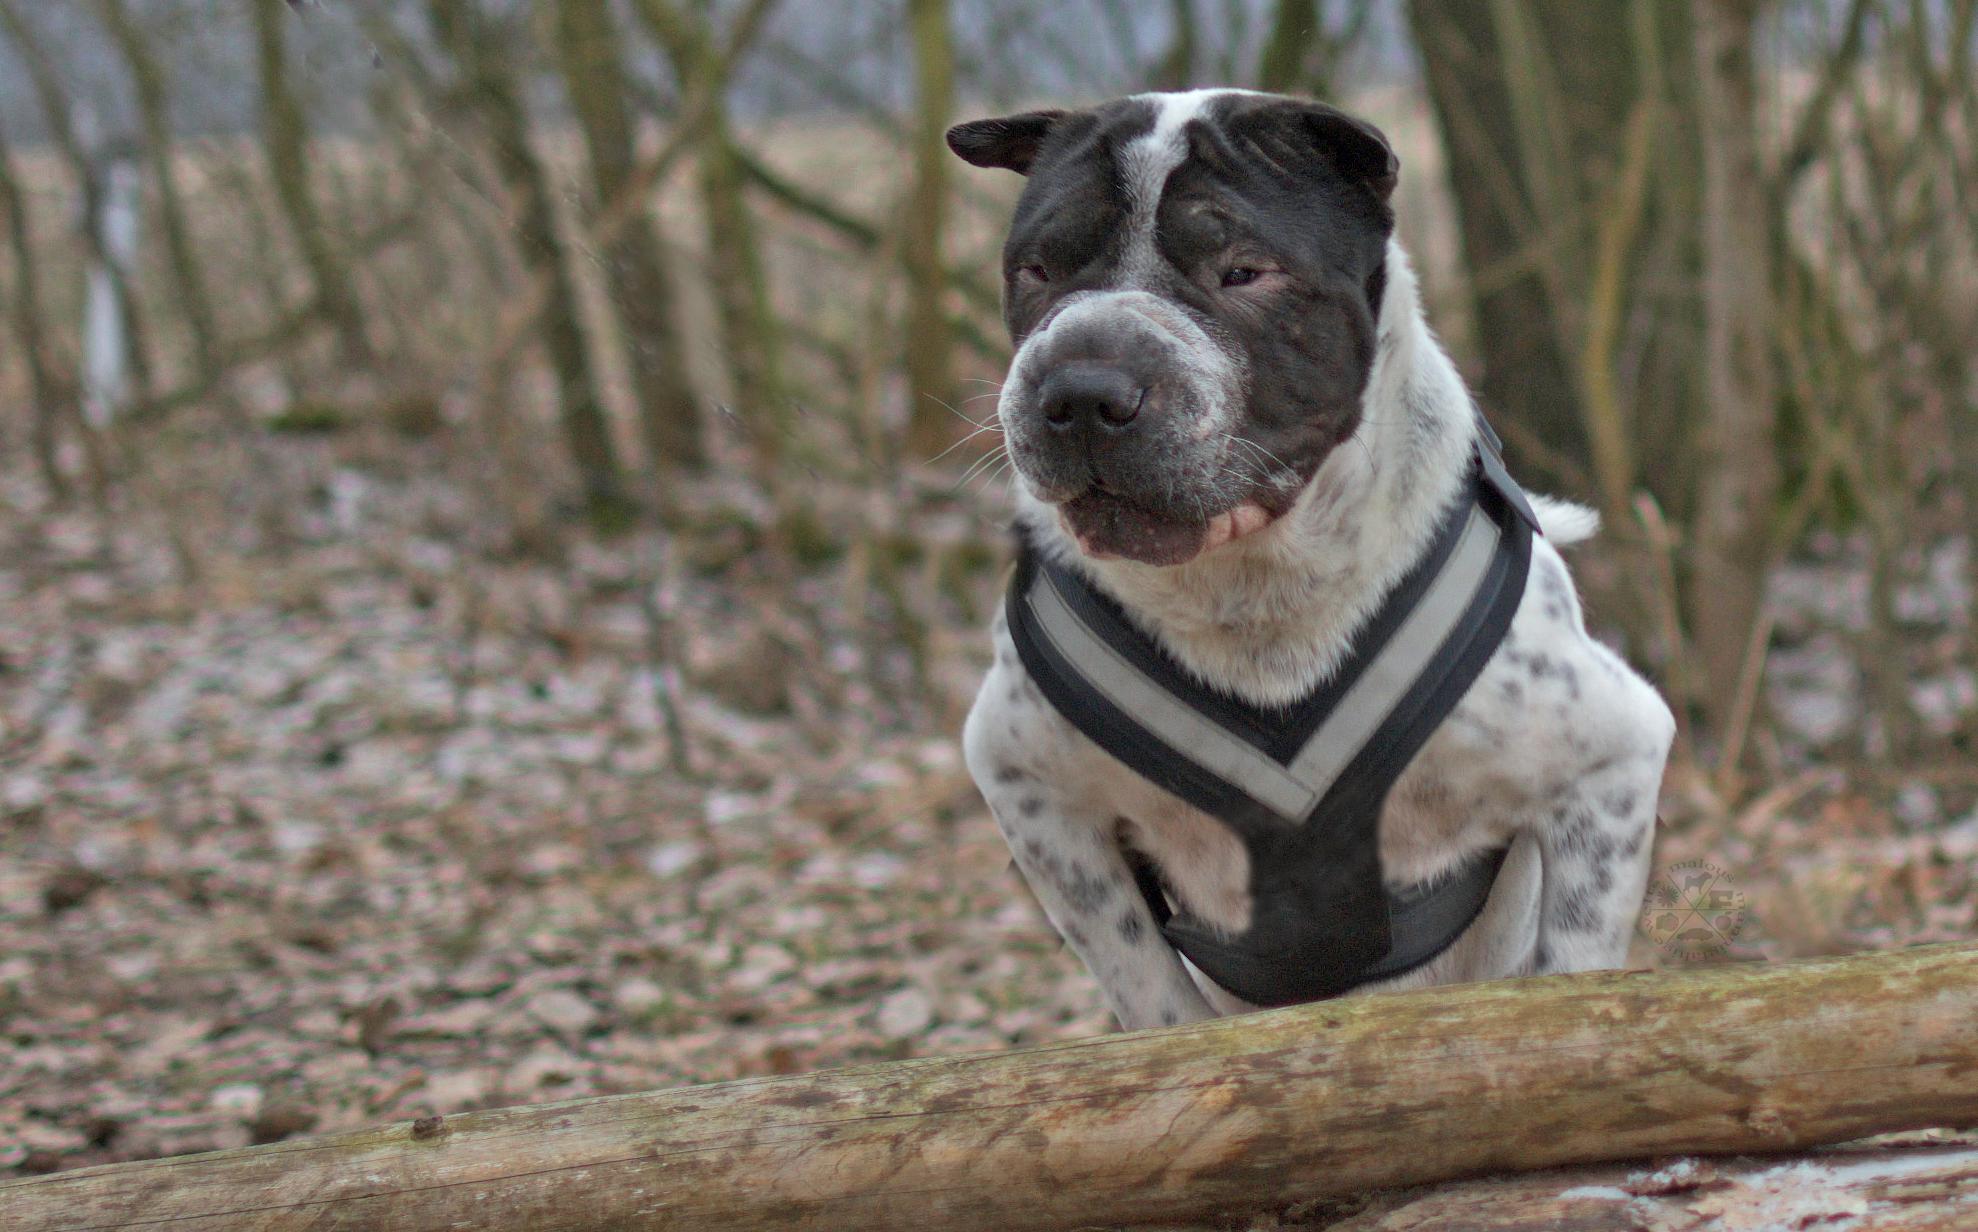 Kommunkation Gerede Ohr Ohren Hund Hunde Blog Hundeblog Shar Pei spiel, Sprung Wald rabaukenbande Kingston Verständigung Falten kommunizieren Mimik Gestik